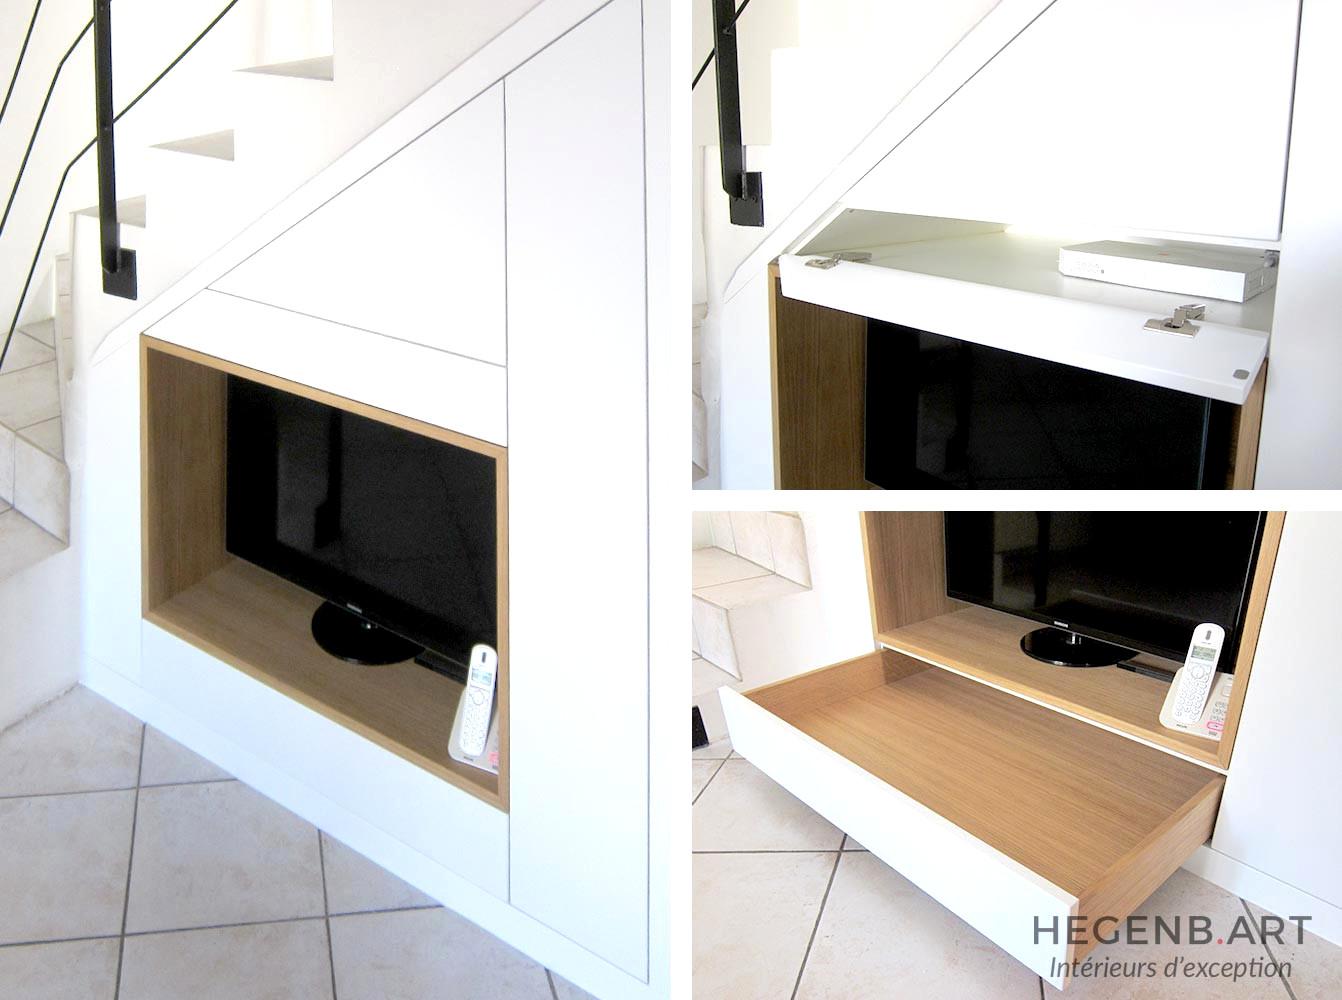 Canapés 2 Places Ikea Unique Photos 45 Beau Aix Meublés Hd6 Inspiration De Meubles